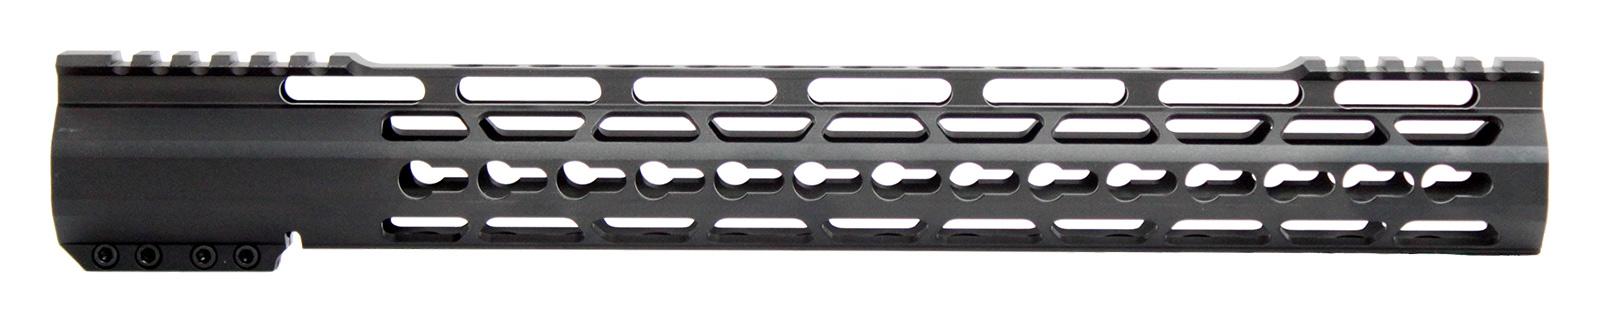 ar15-rail-15-inch-slim-free-float-keymod-120614